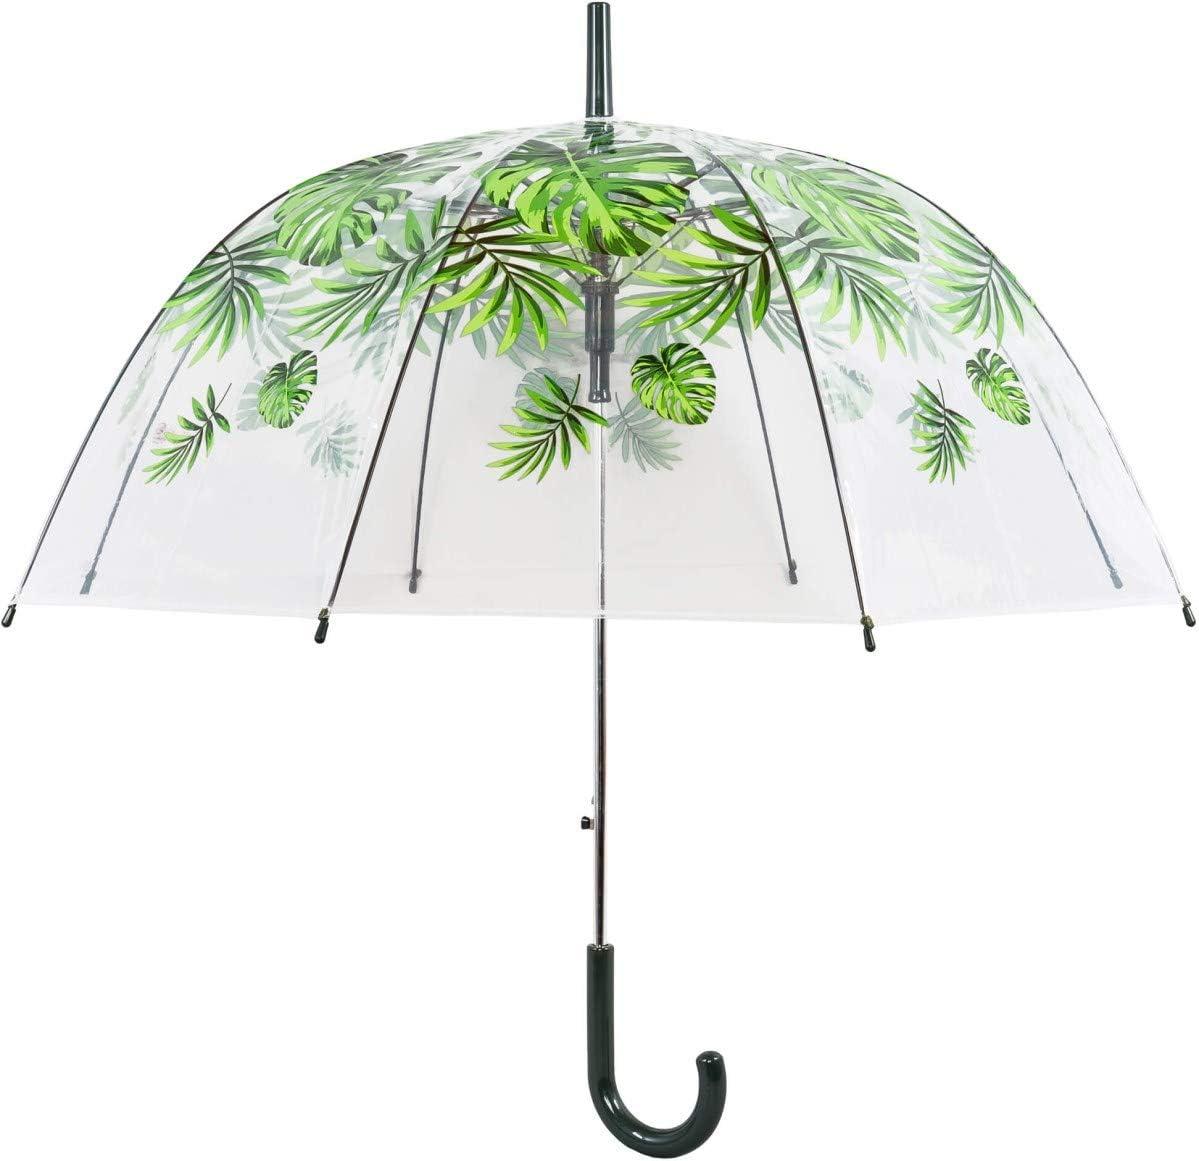 Transparent Imprim/é Chat Large Protection avec Un Diam/ètre de 85 cm Parapluie Cloche Transparent Parapluie Transparent avec Imprime Petit Chat Parapluie D/ôme Automatique